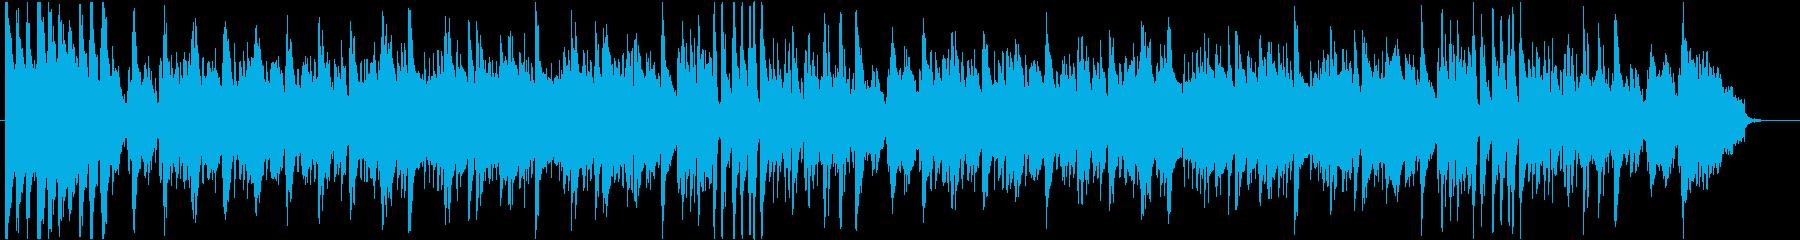 モード全開なボサノバ版「きよしこの夜」の再生済みの波形